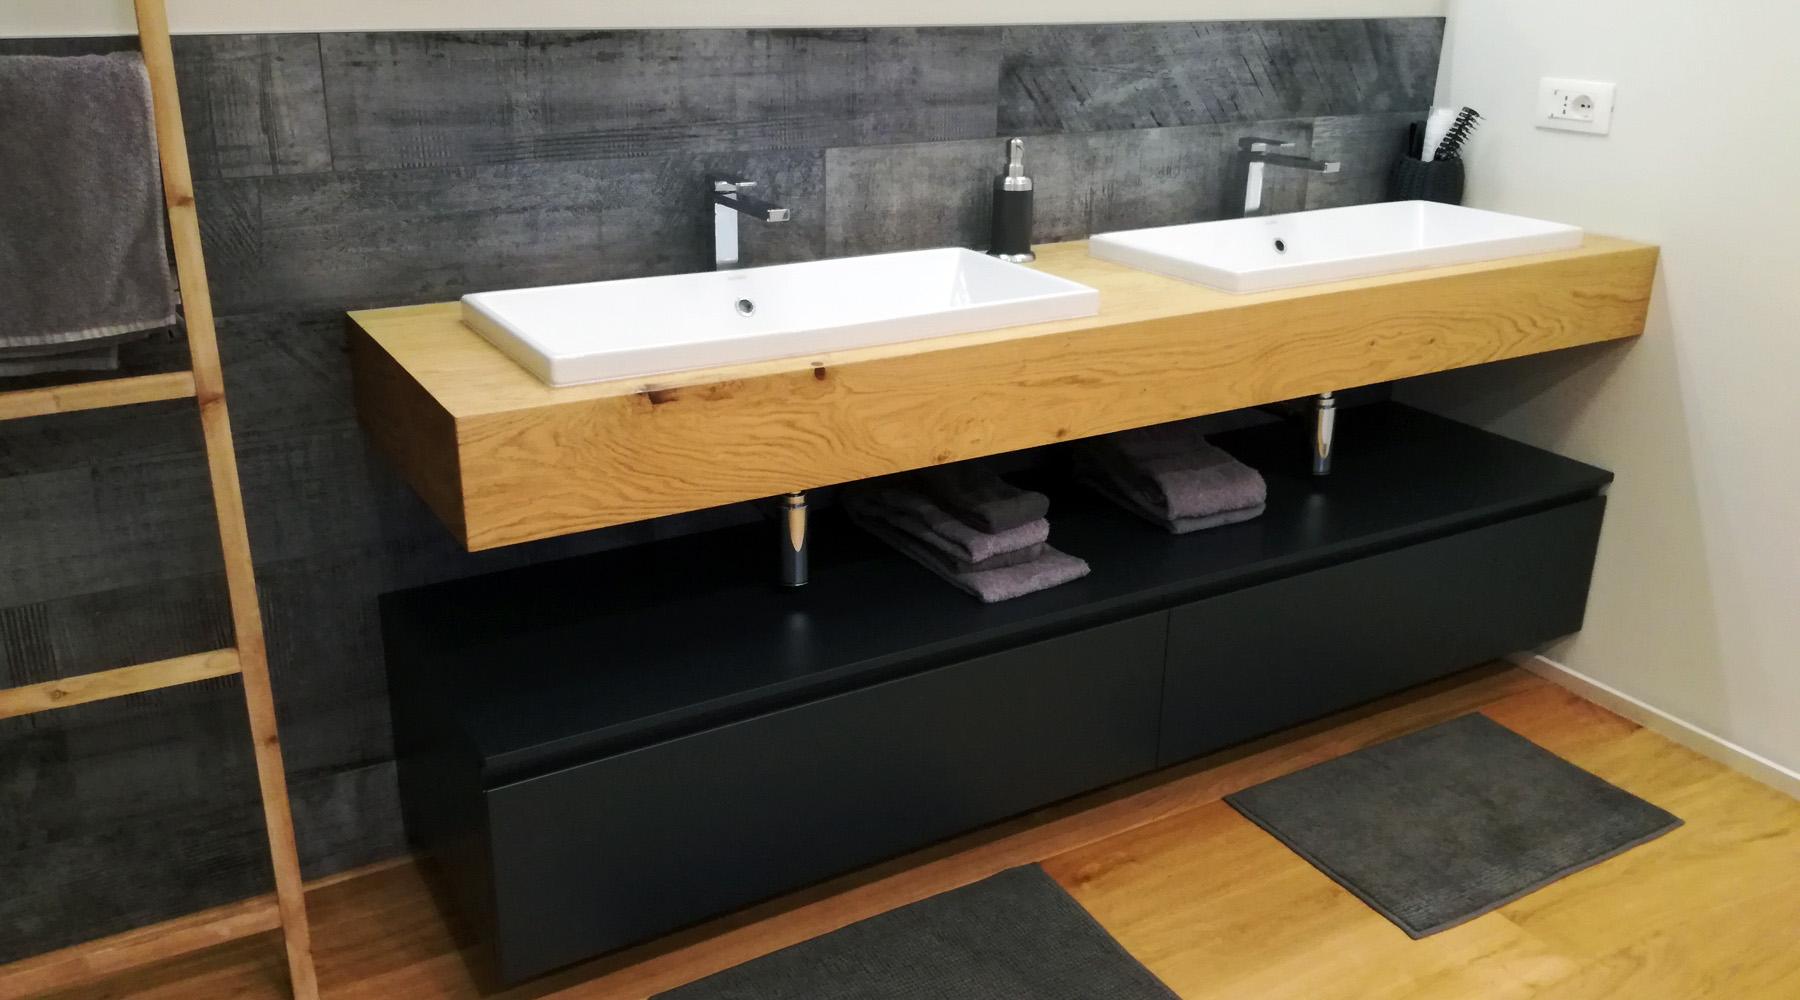 Mobile bagno con mensola in legno doppio lavabo arredamenti barin